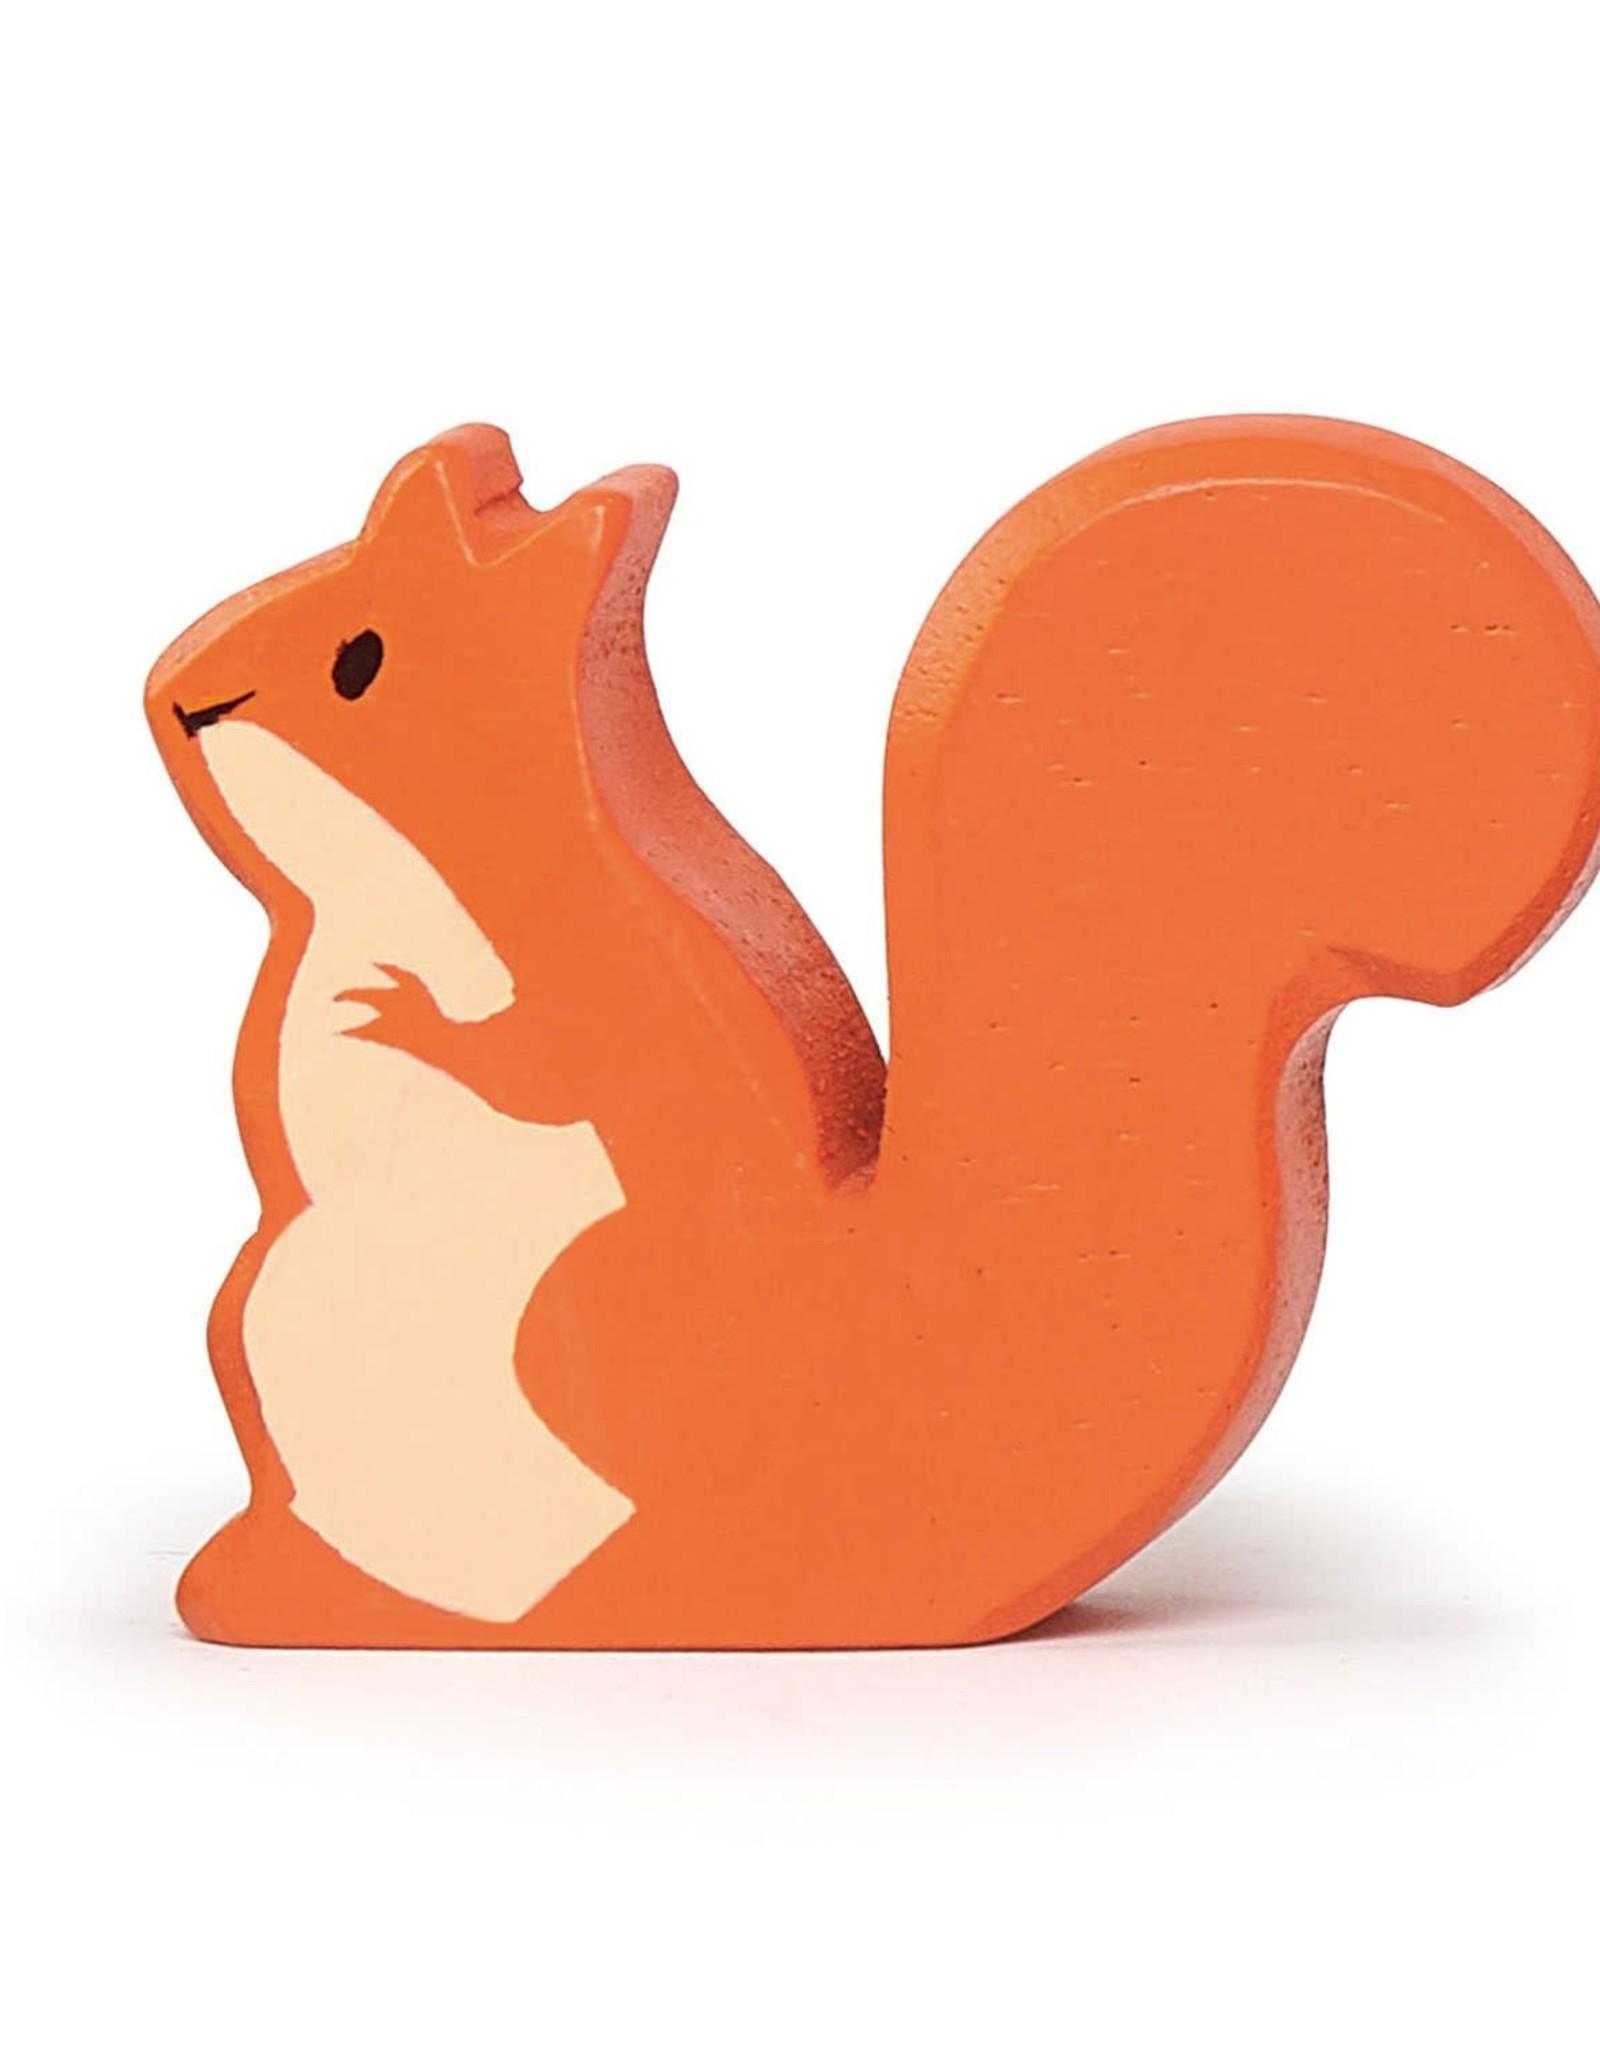 Tender Leaf Toys Tender Leaf Wooden Red Squirrel